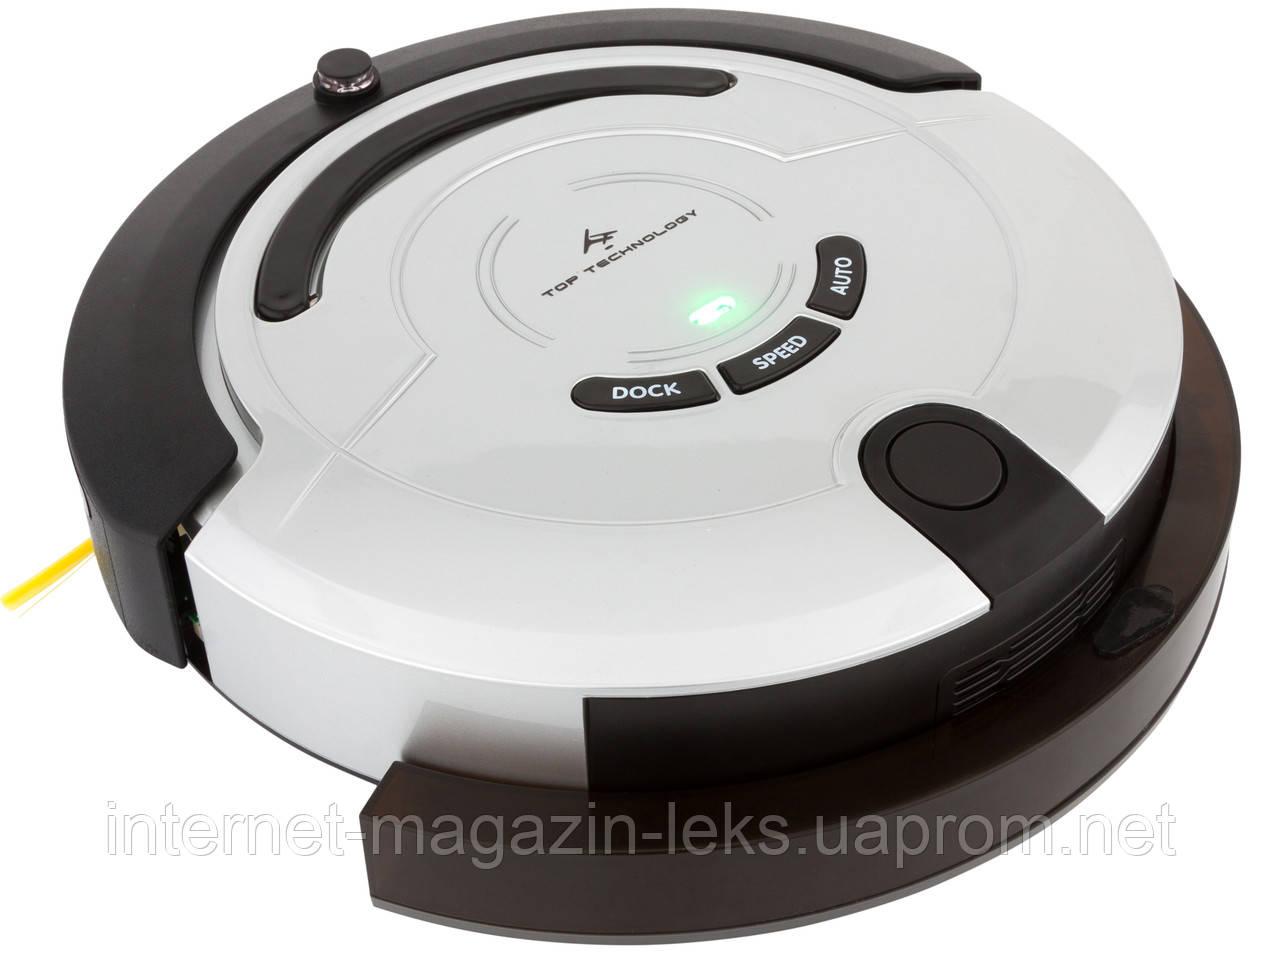 Робот-пылесос Top Technology TT-R01 база + подача воды + турбощетки!)